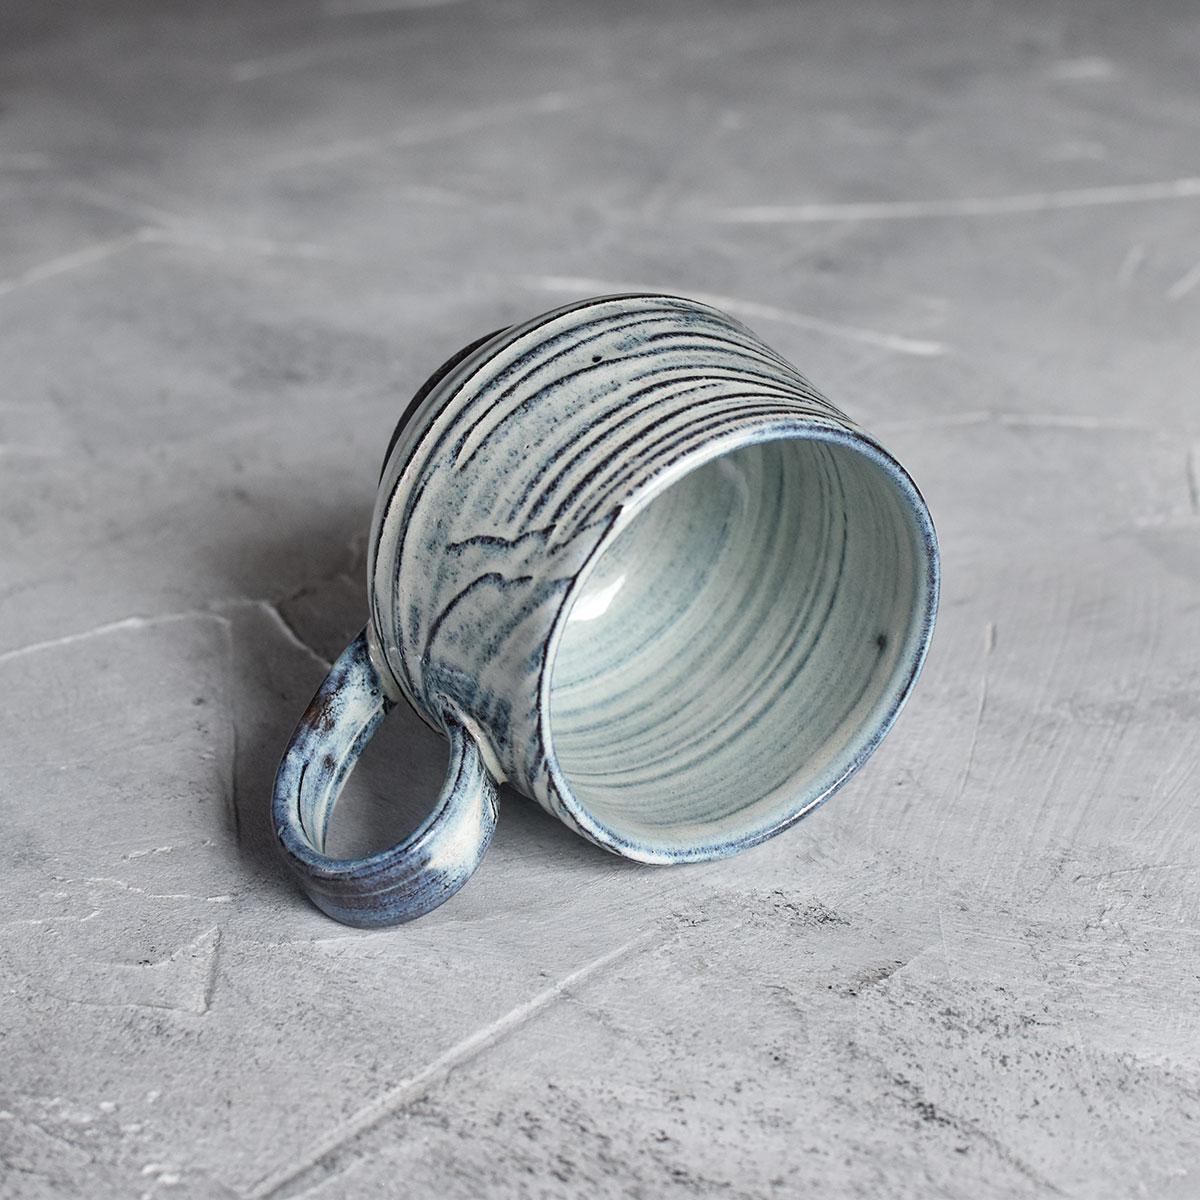 """картинка Керамическая кружка """"Джинсовая серия"""" 03 - DishWishes.Ru"""